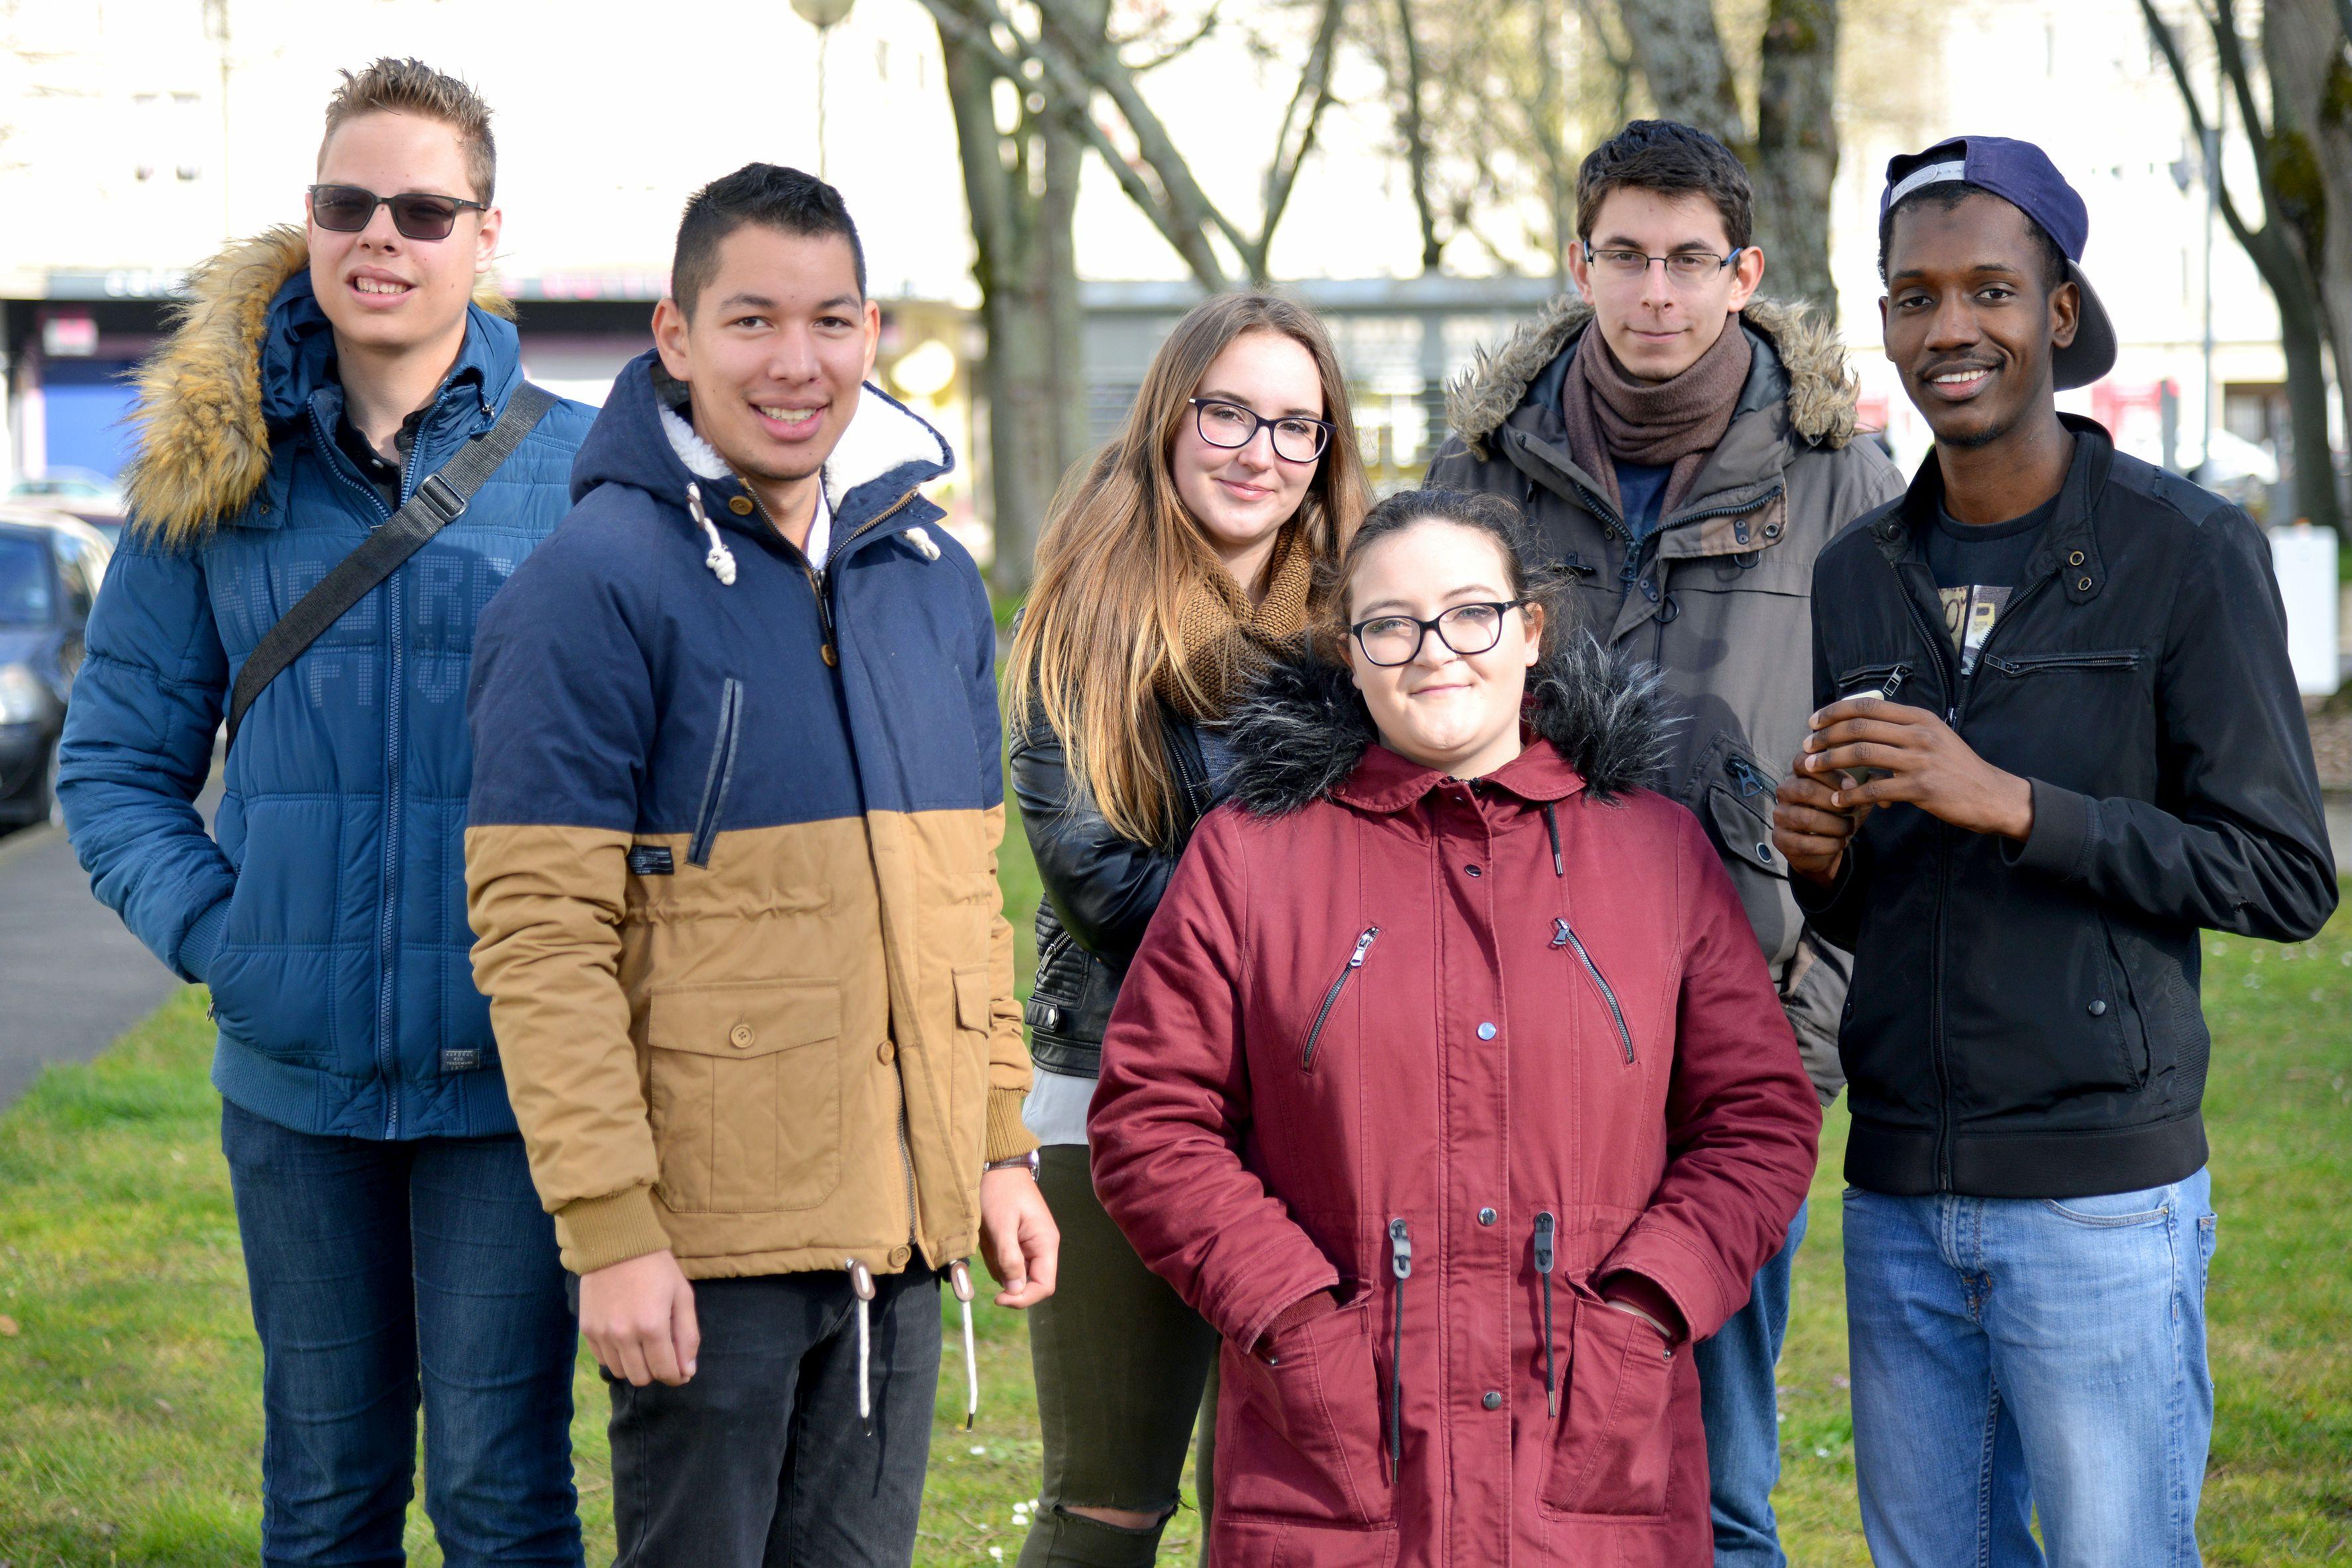 Des membres de Jeunes en Ville. Crédit : Martin Launay, Ville de Saint-Nazaire